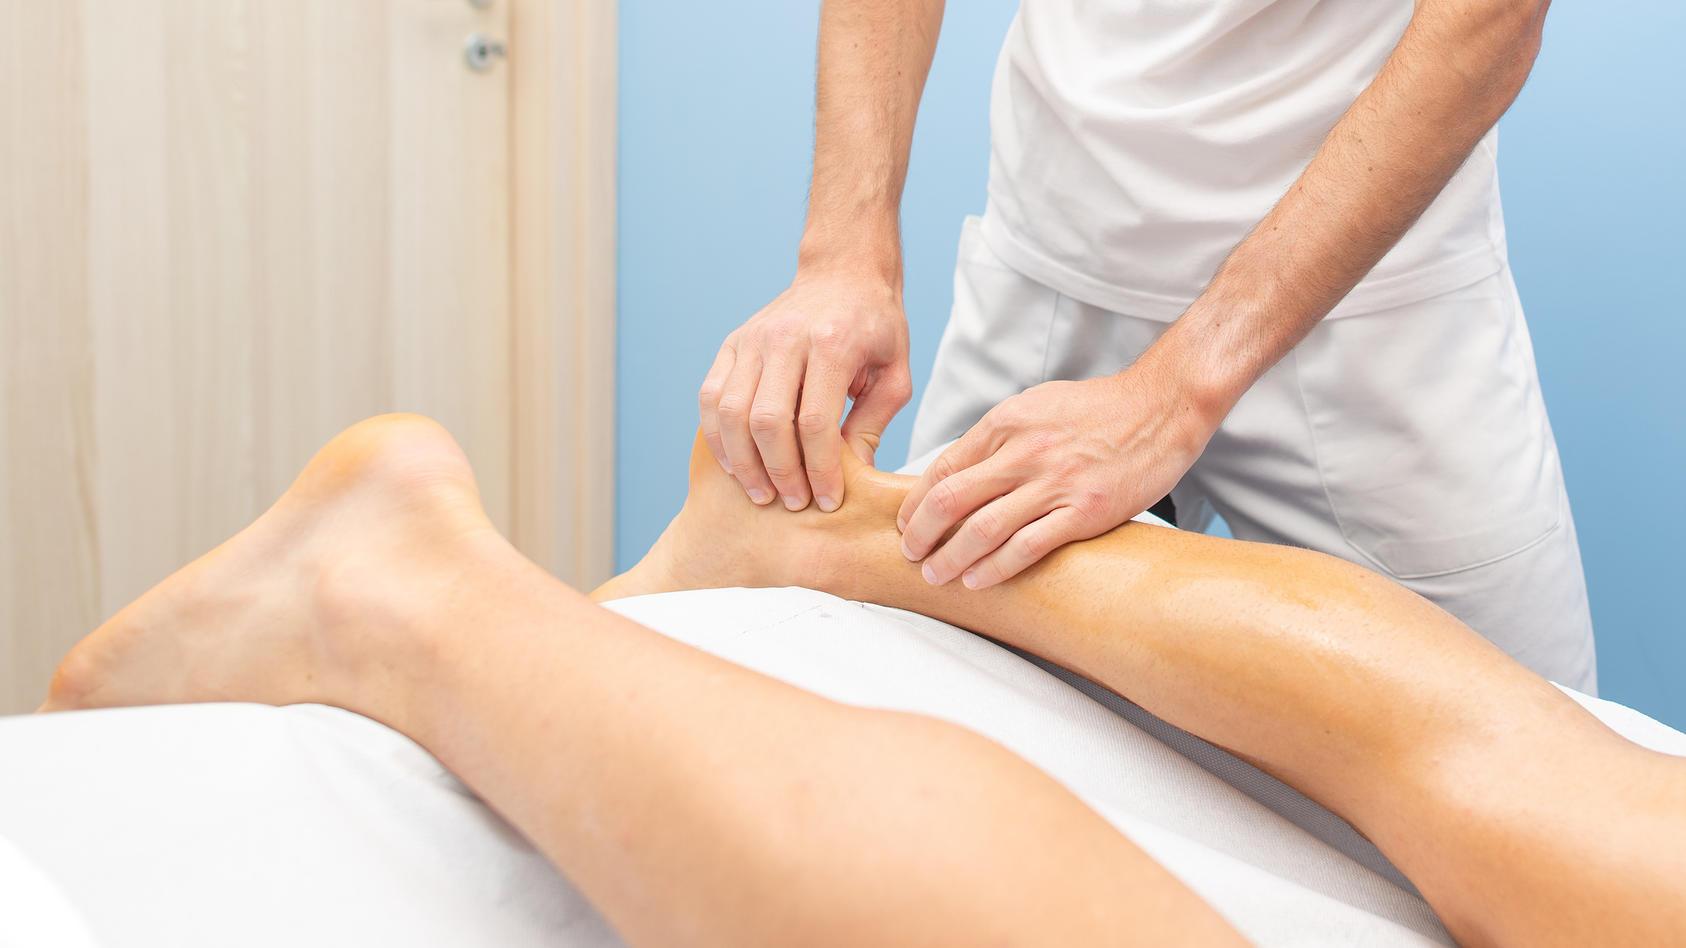 Physiotherapeut während einer Behandlung der Achillessehne